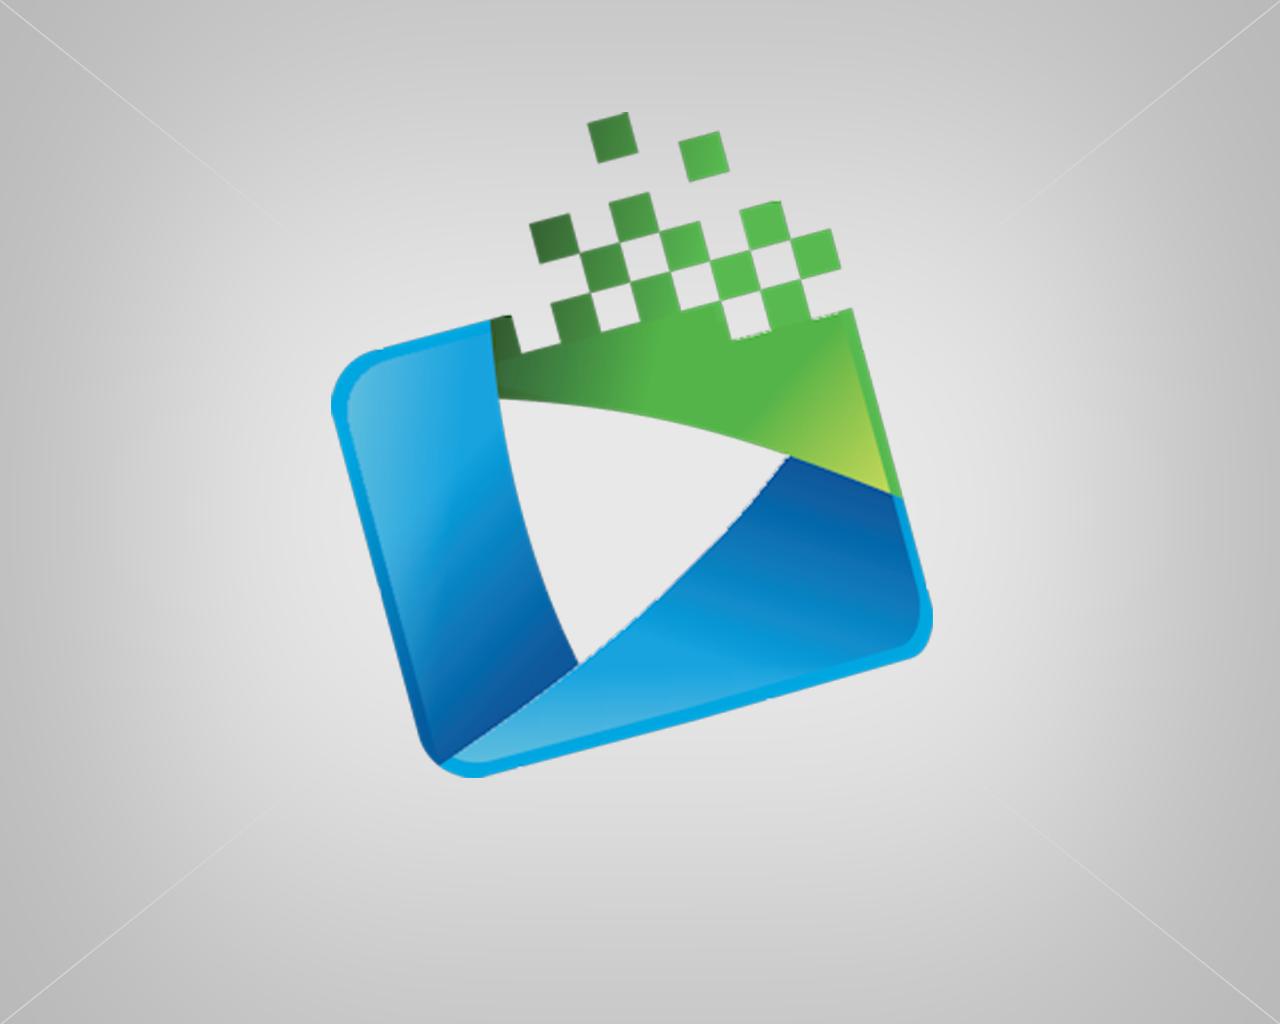 Whats App - Fun-clix